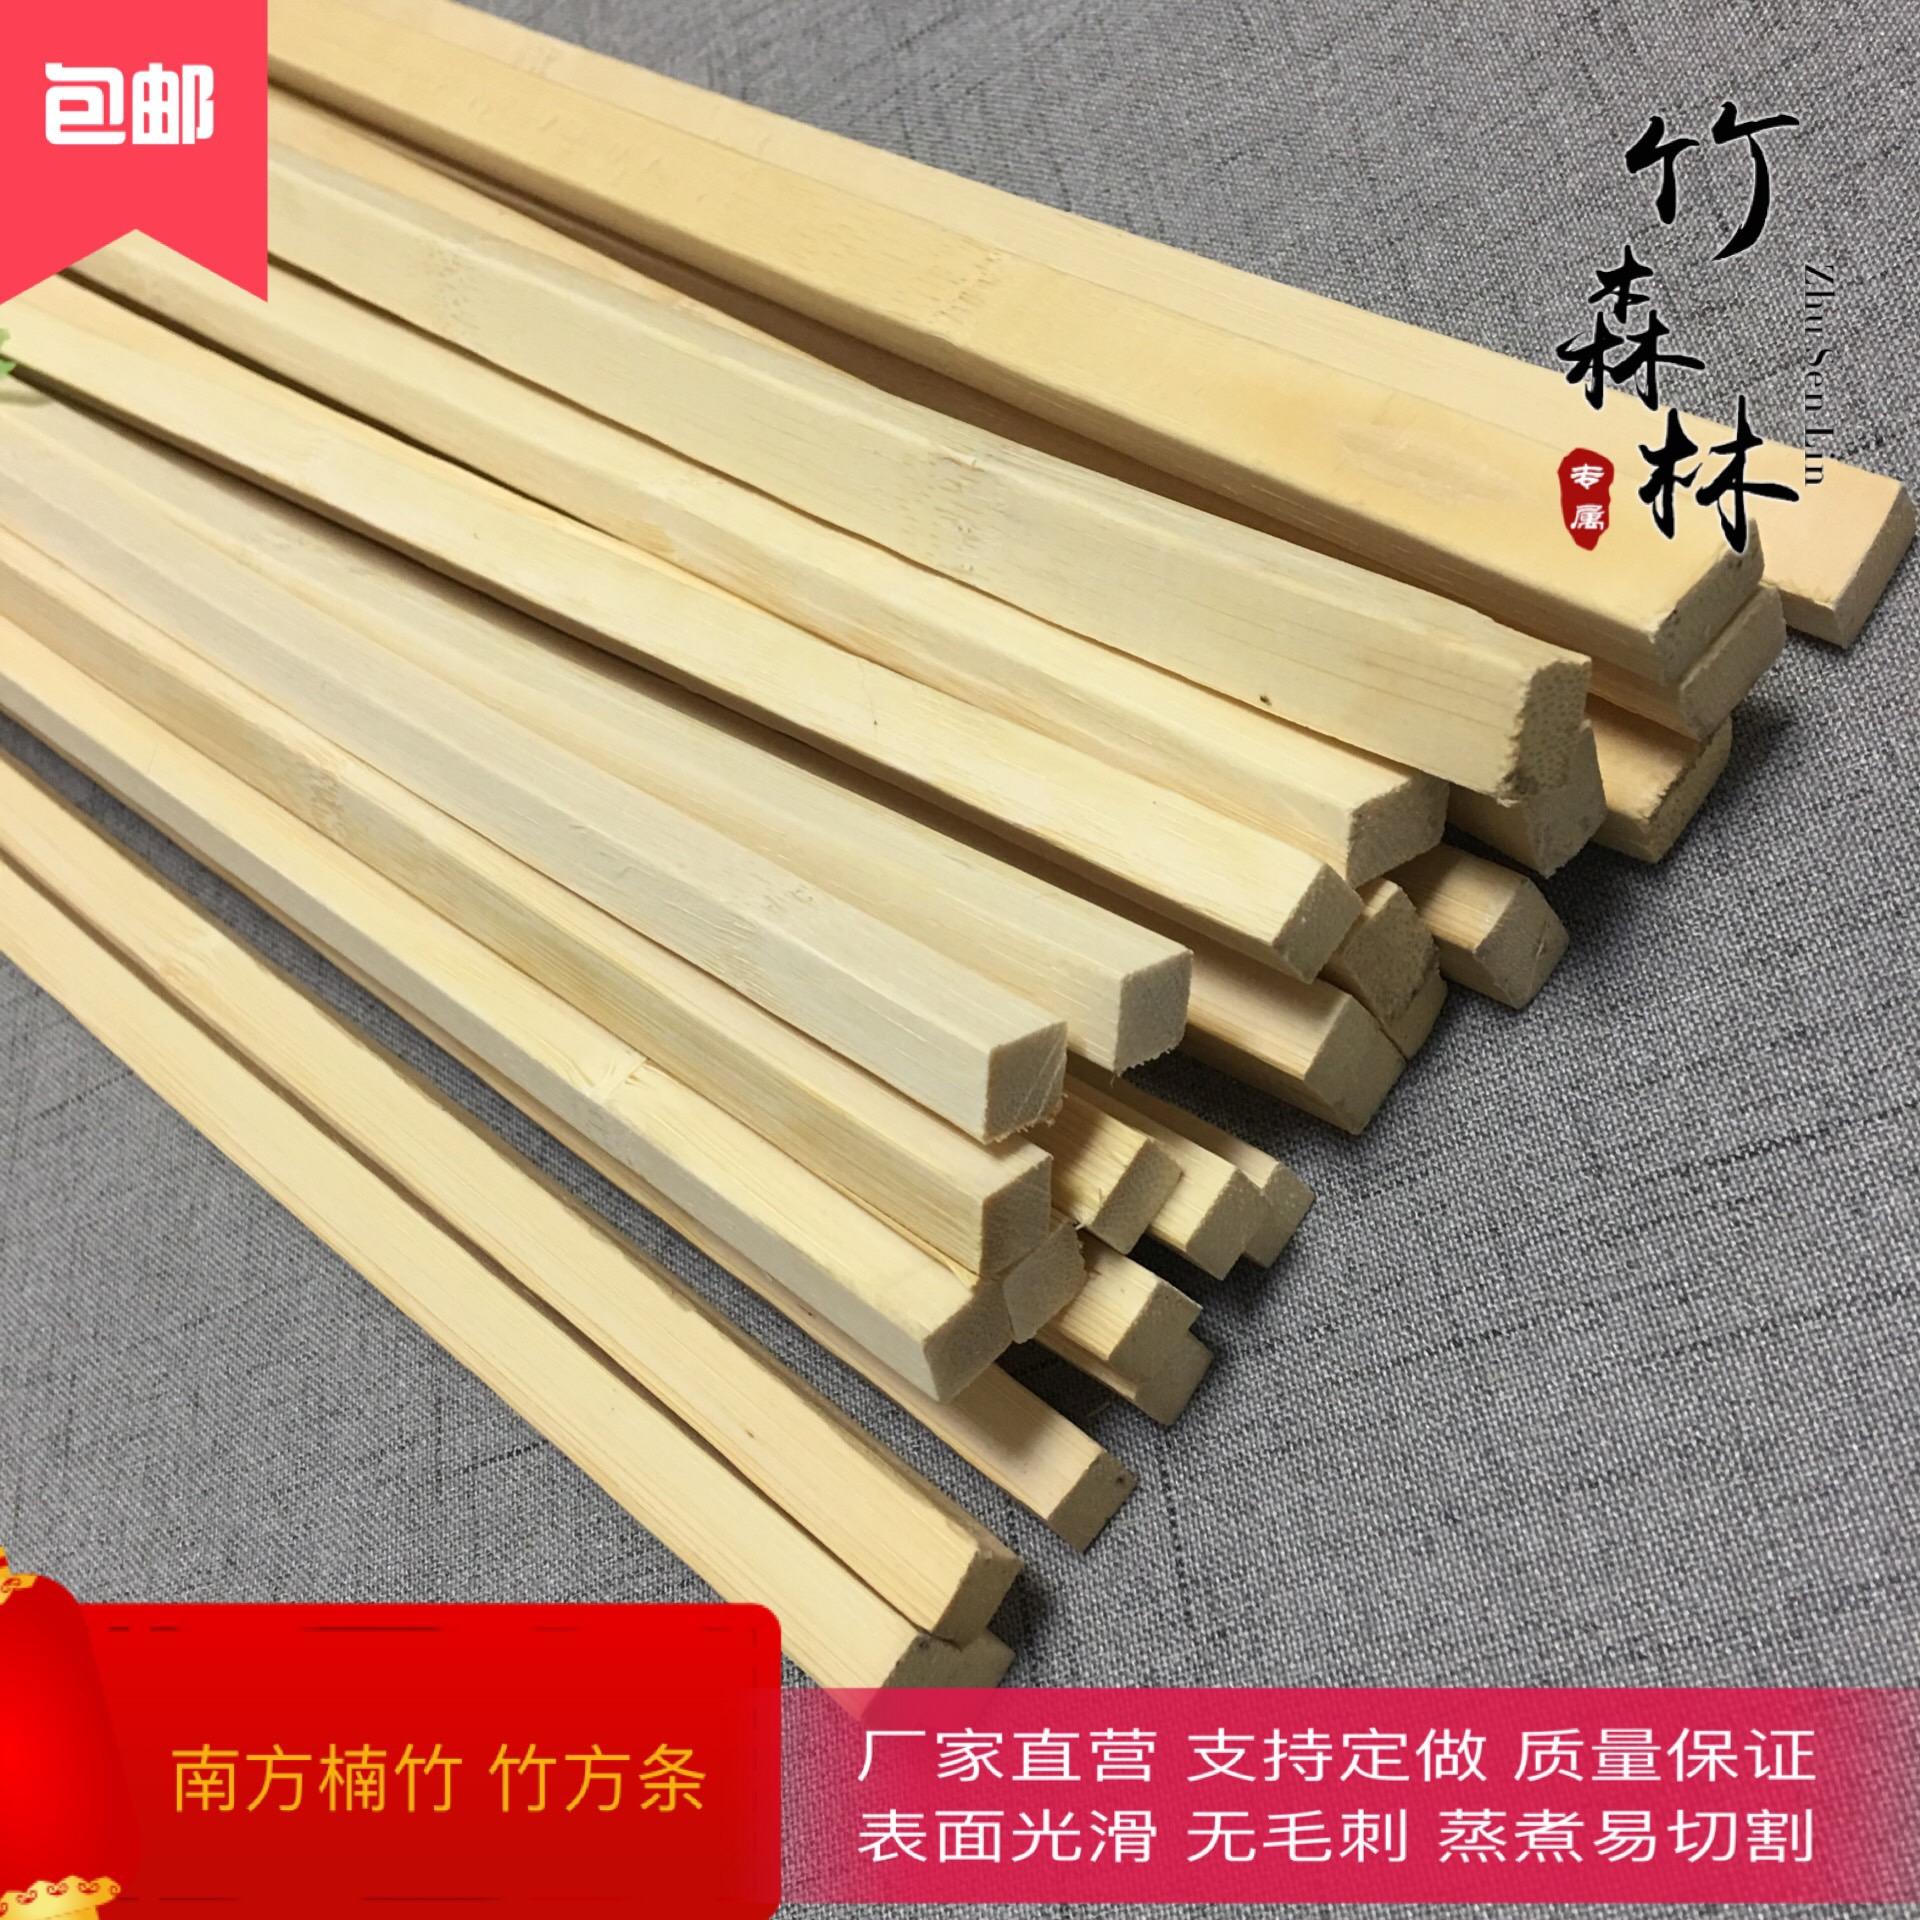 DIT手工模型竹材料竹木棒竹丝 竹条 竹片竹棍竹丝鸟笼配件 竹方条